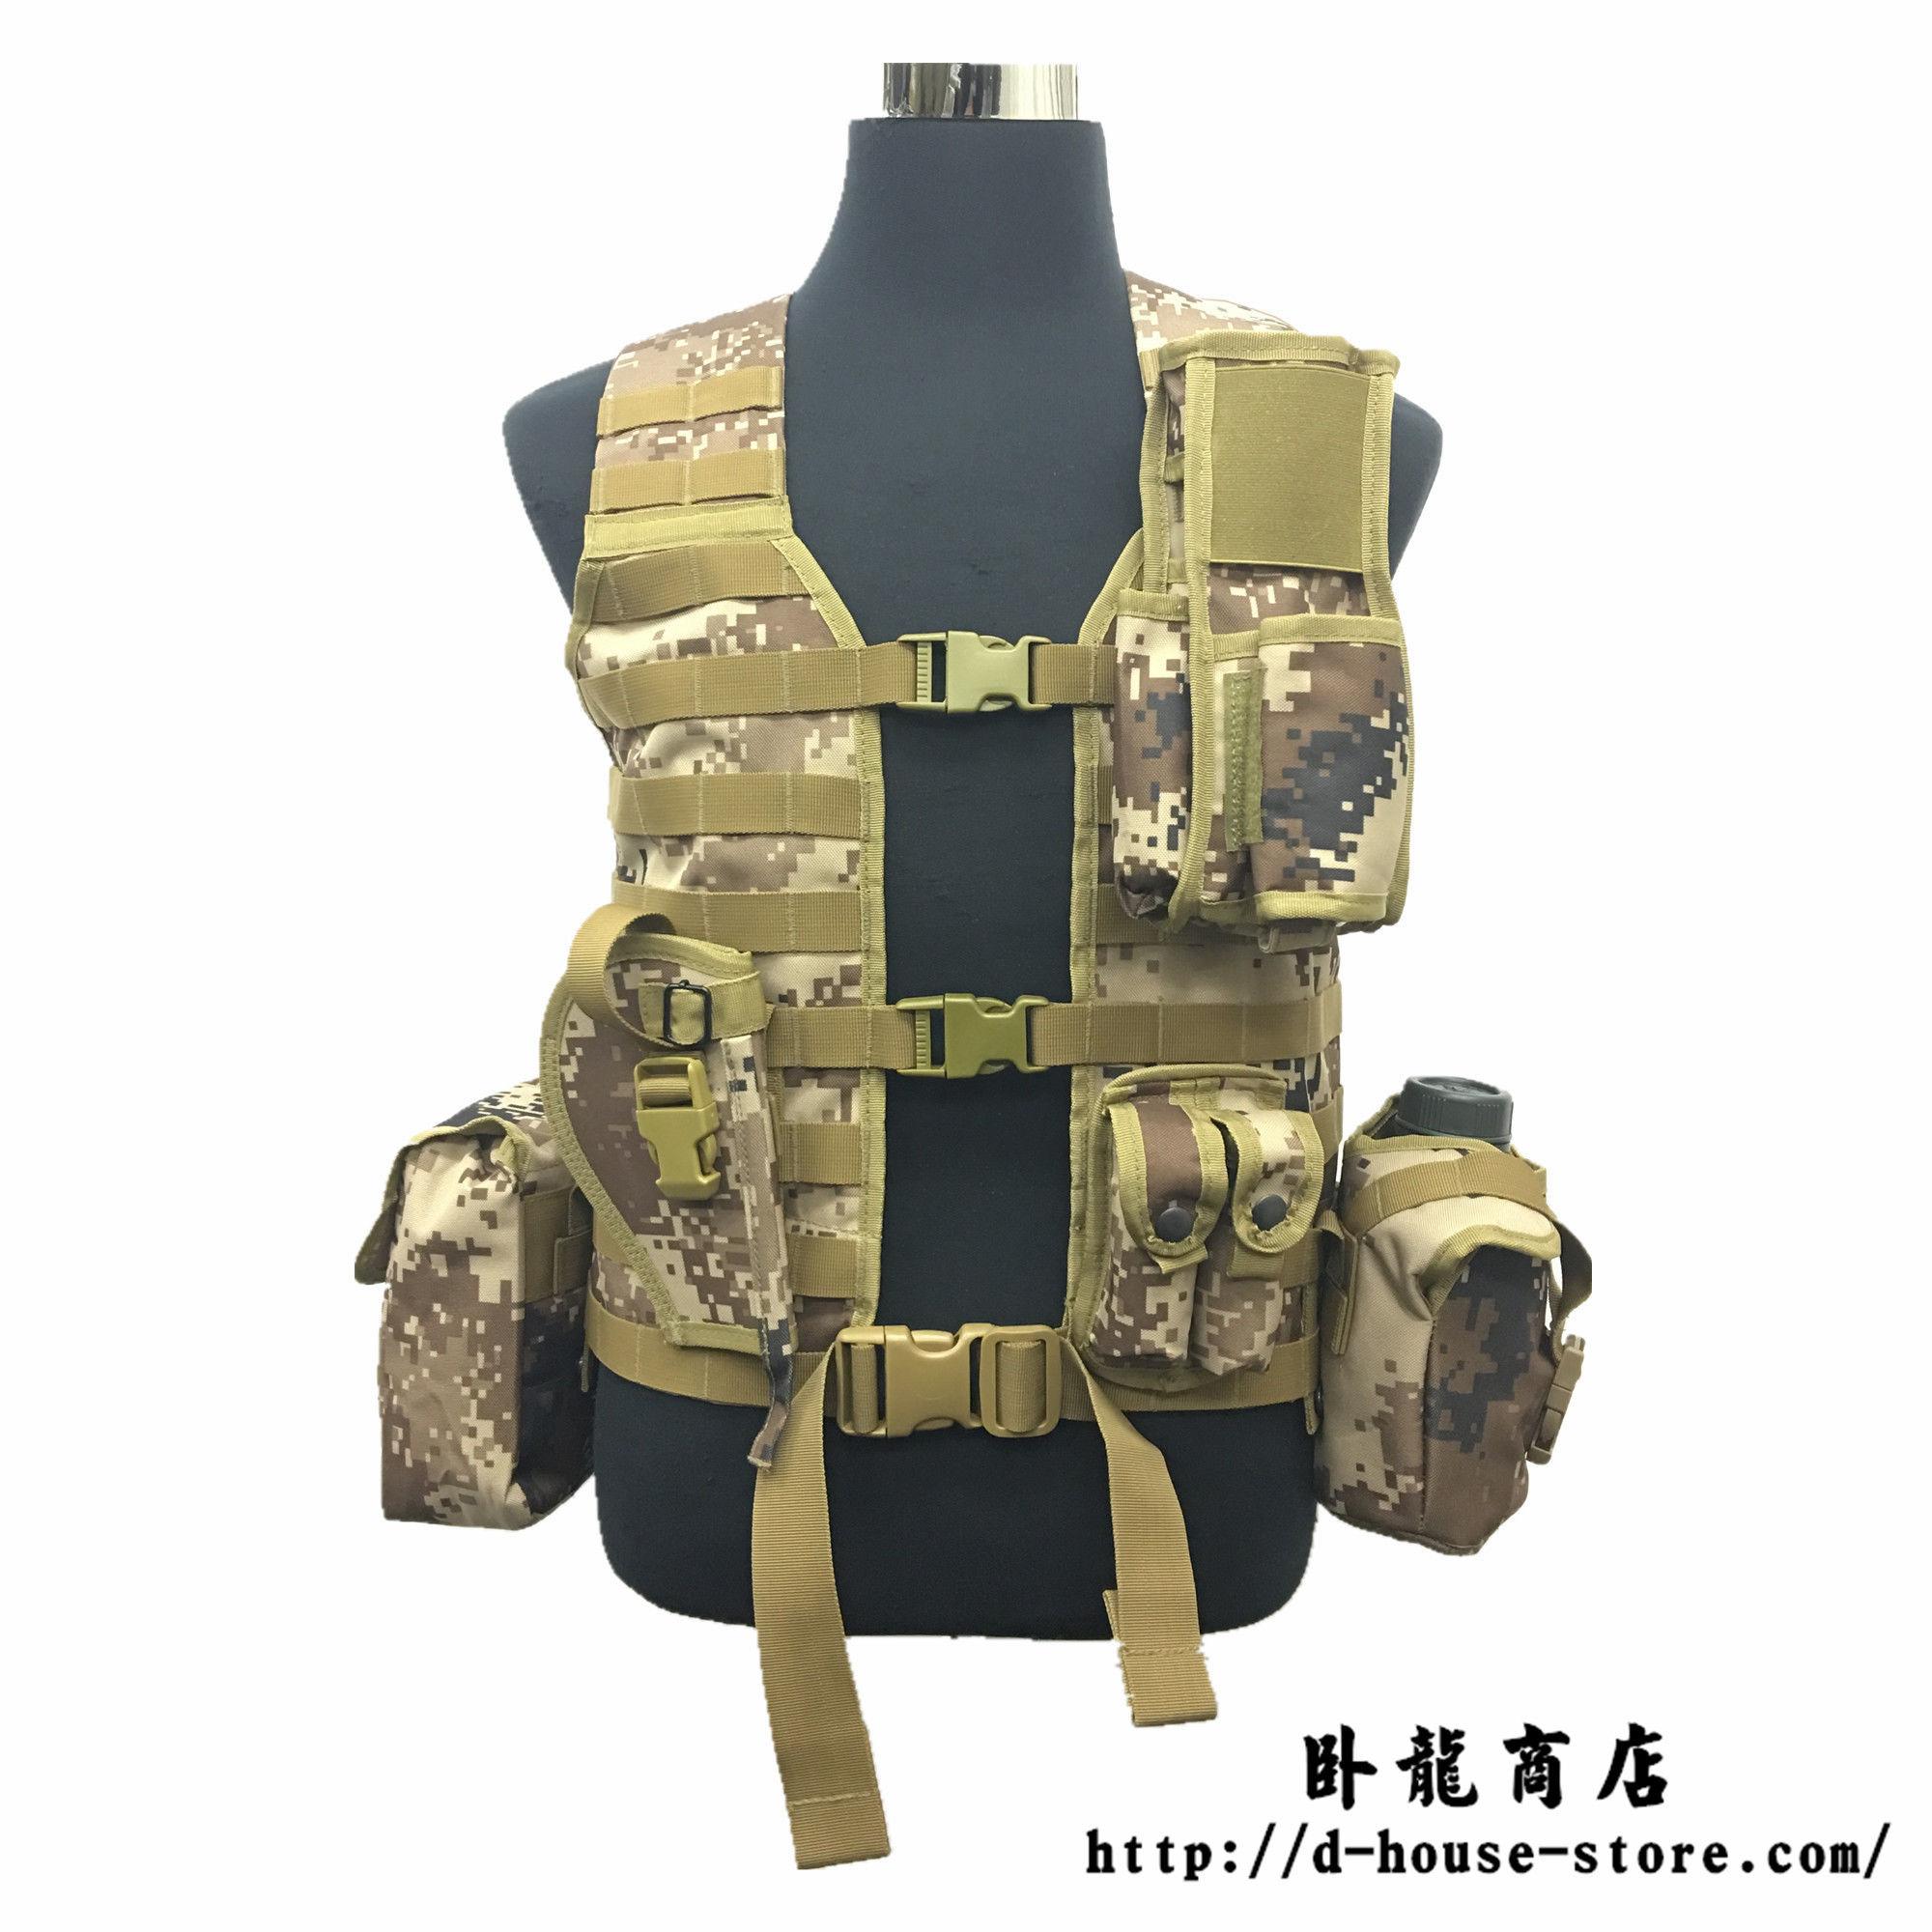 【実物】PLA06式通用単兵携行具 荒漠迷彩 幹部配置セット